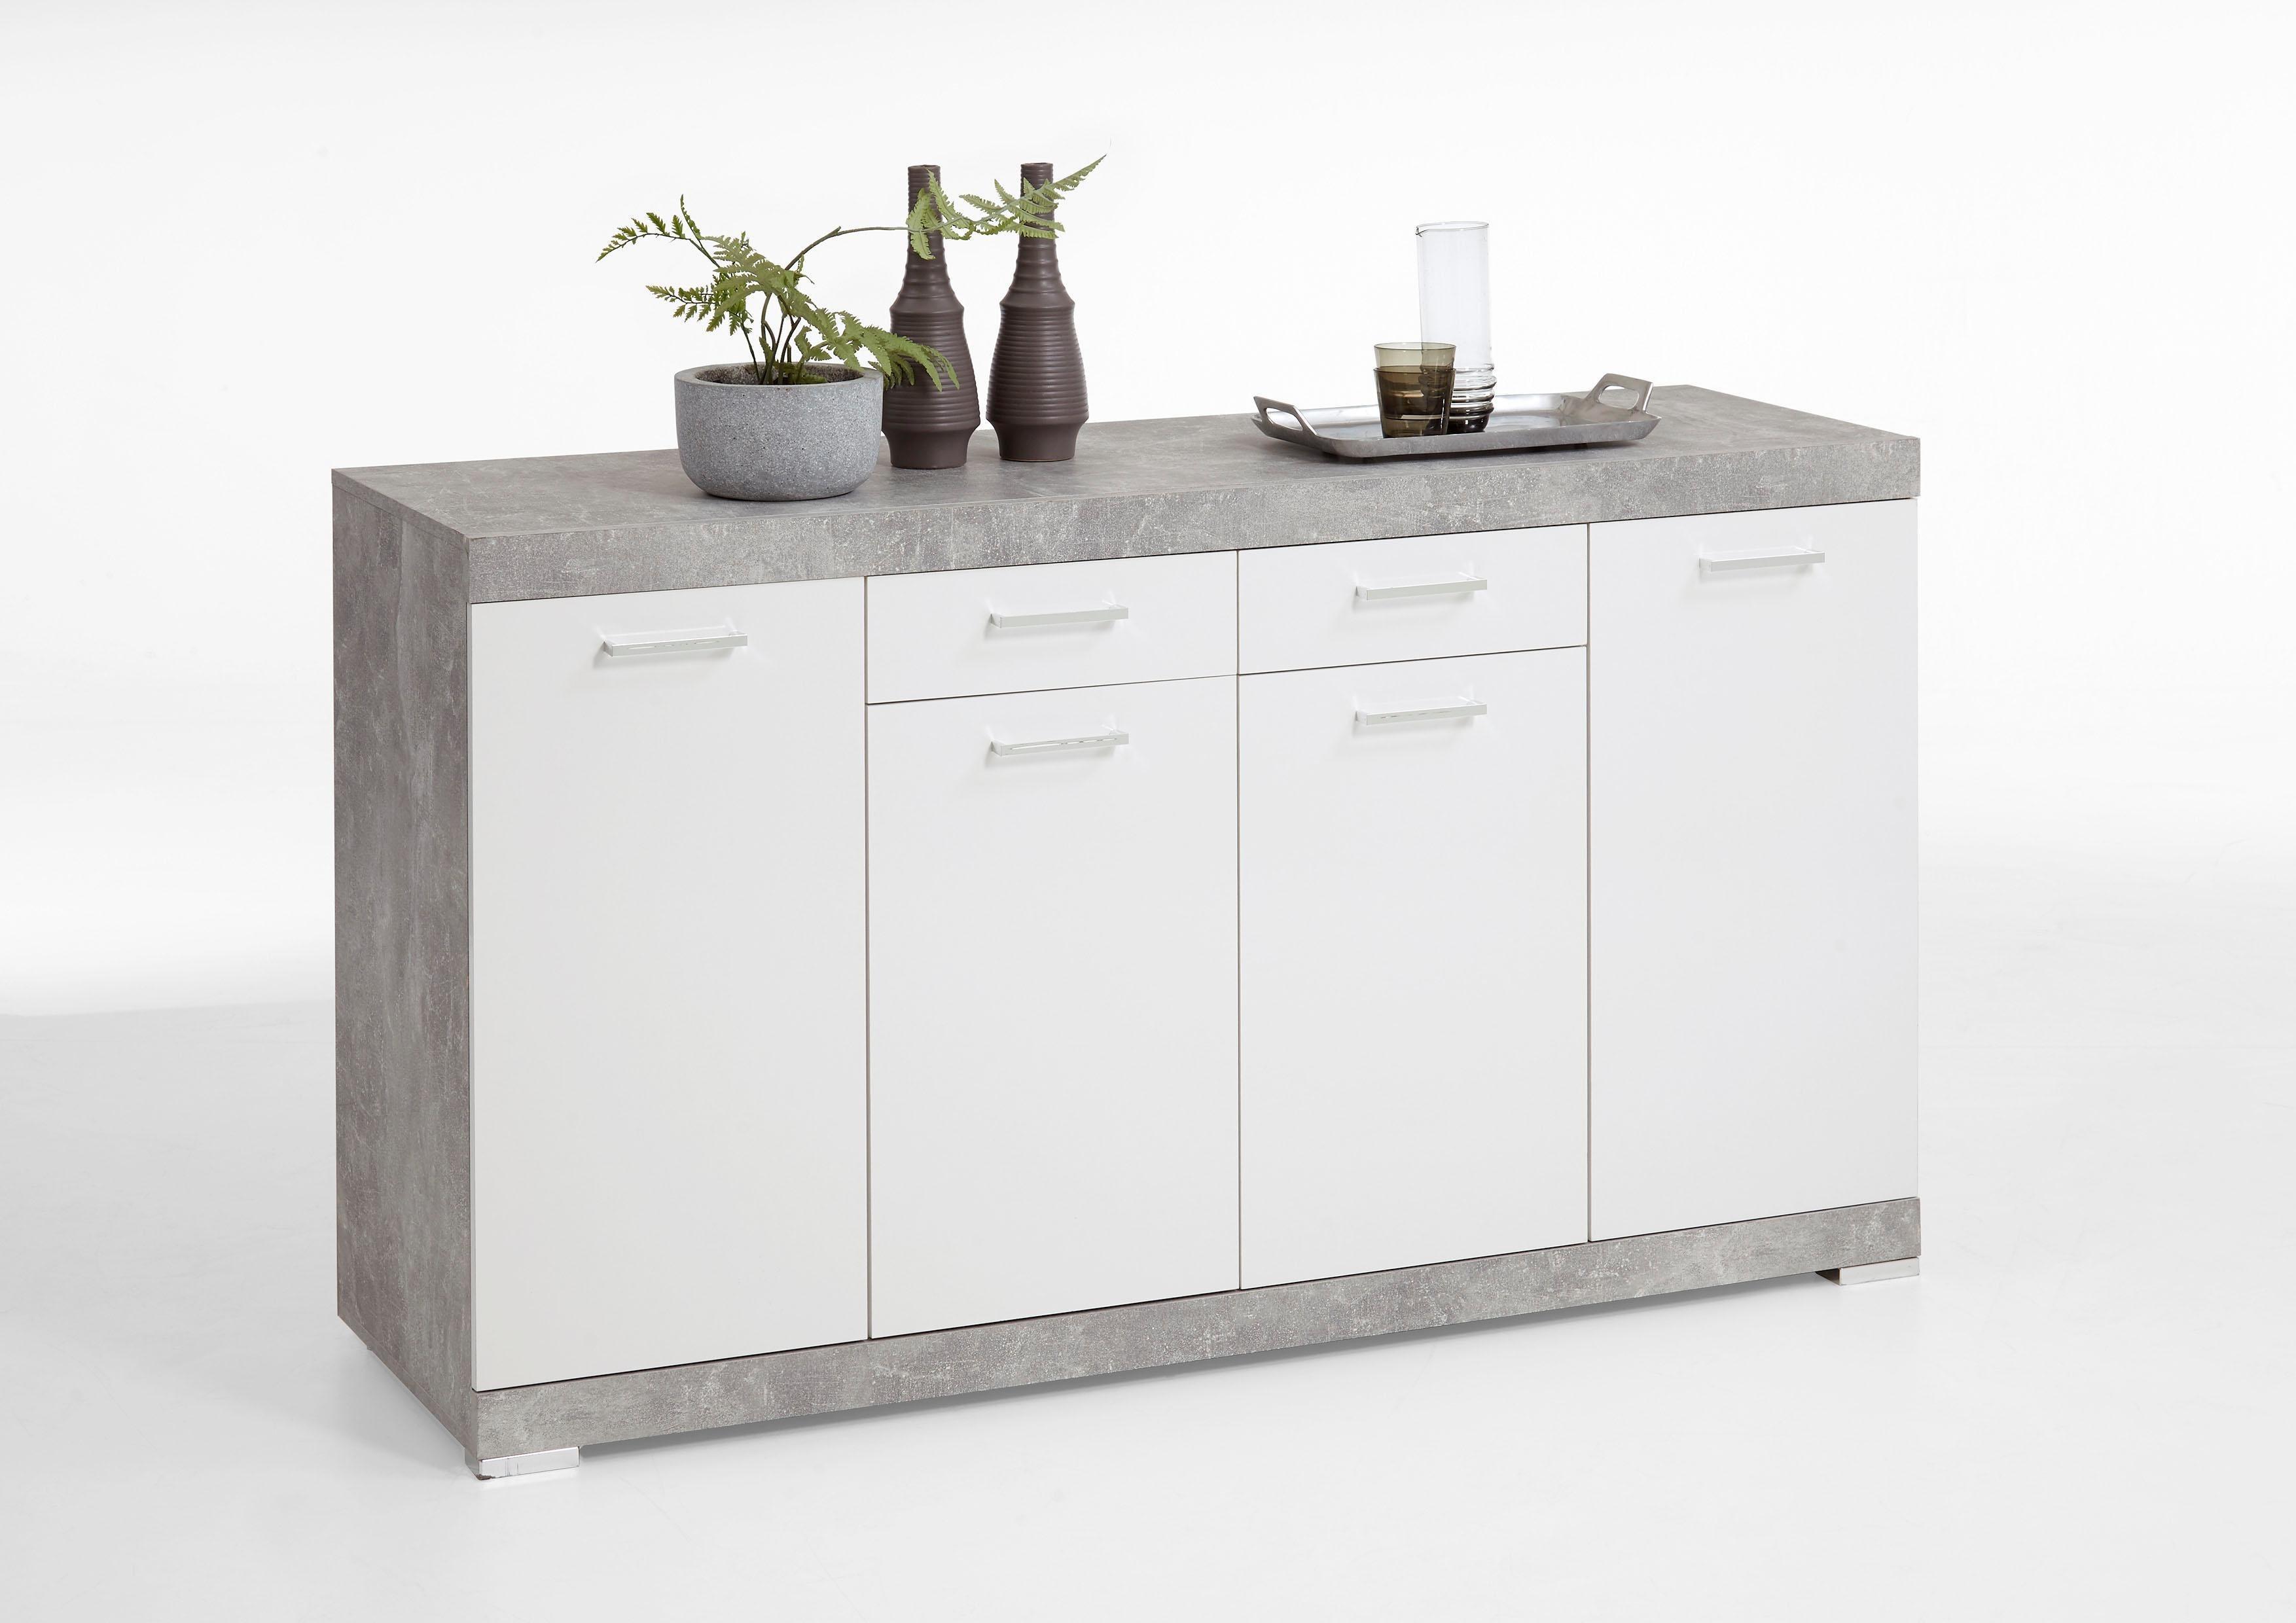 FMD Kommode »Brist«, Breite 160 cm   Wohnzimmer > Schränke > Kommoden   Weiß - Glanz   Beton - Glänzend - Melamin   FMD